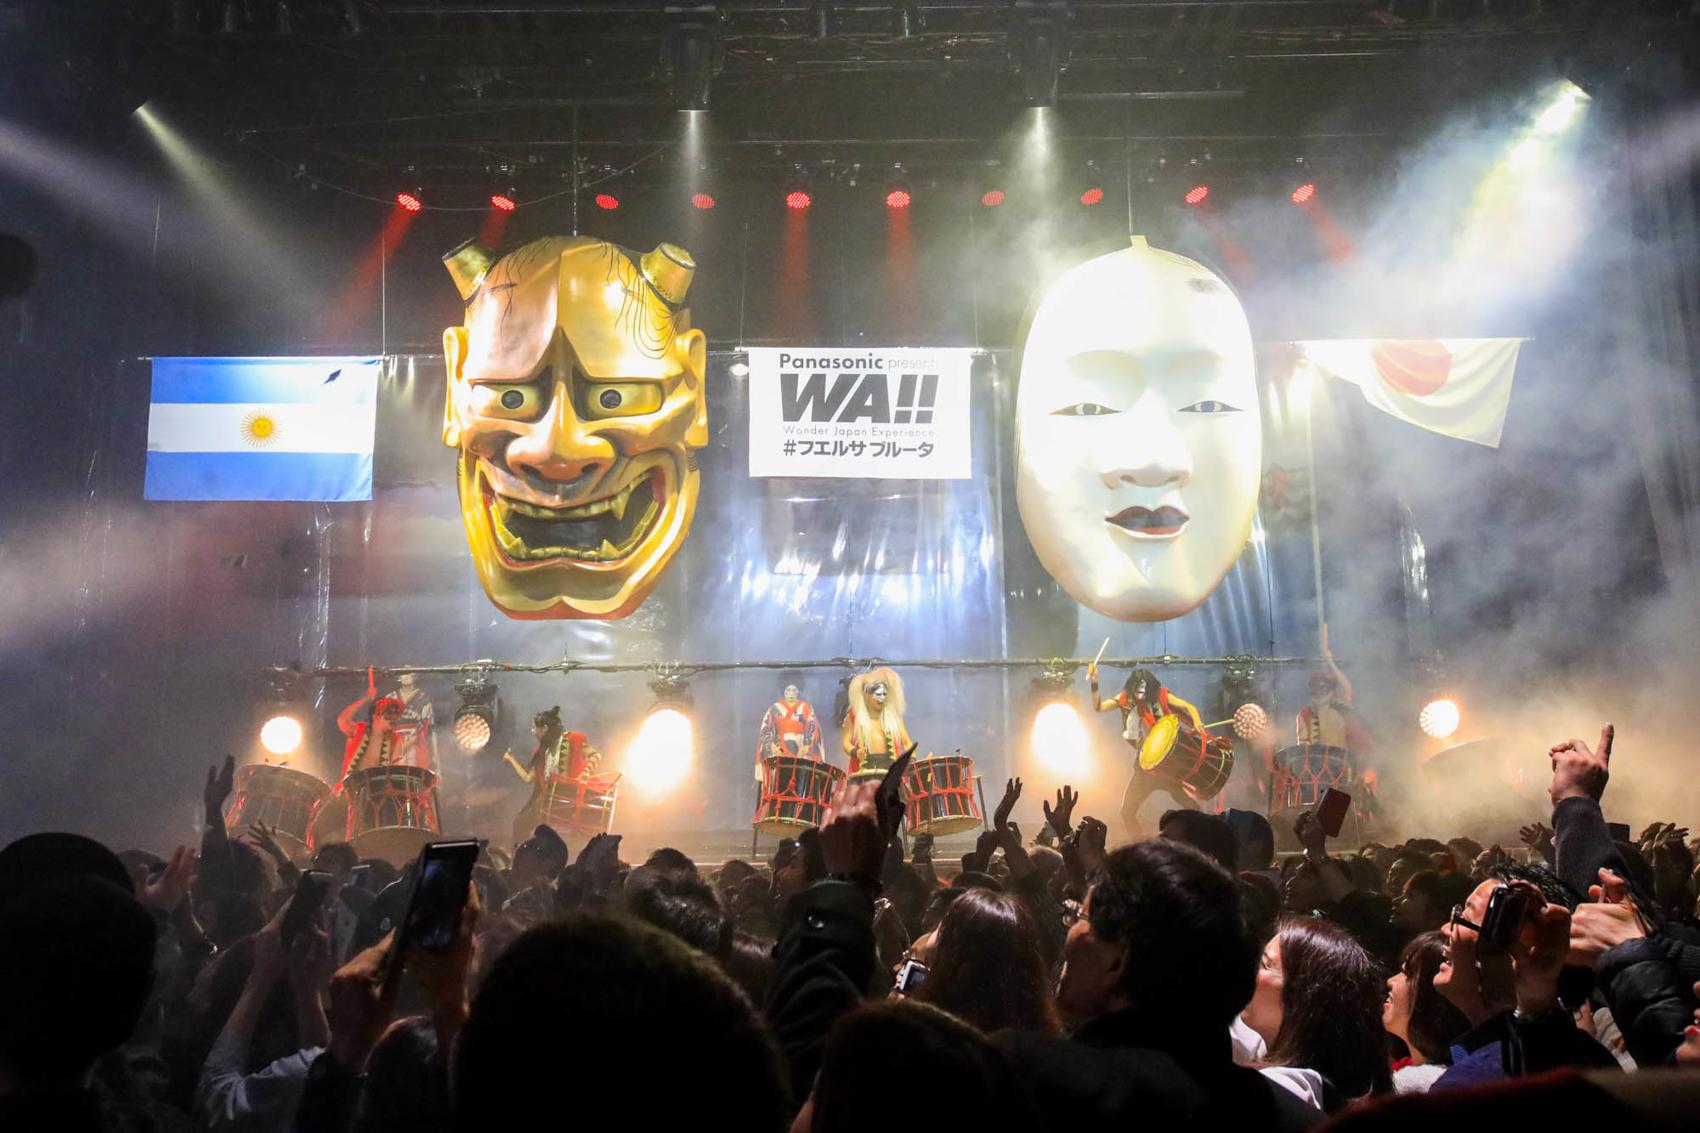 フエルサブルータ「Panasonic presents WA!!」日本×アルゼンチン国交樹立120周年記念イベント